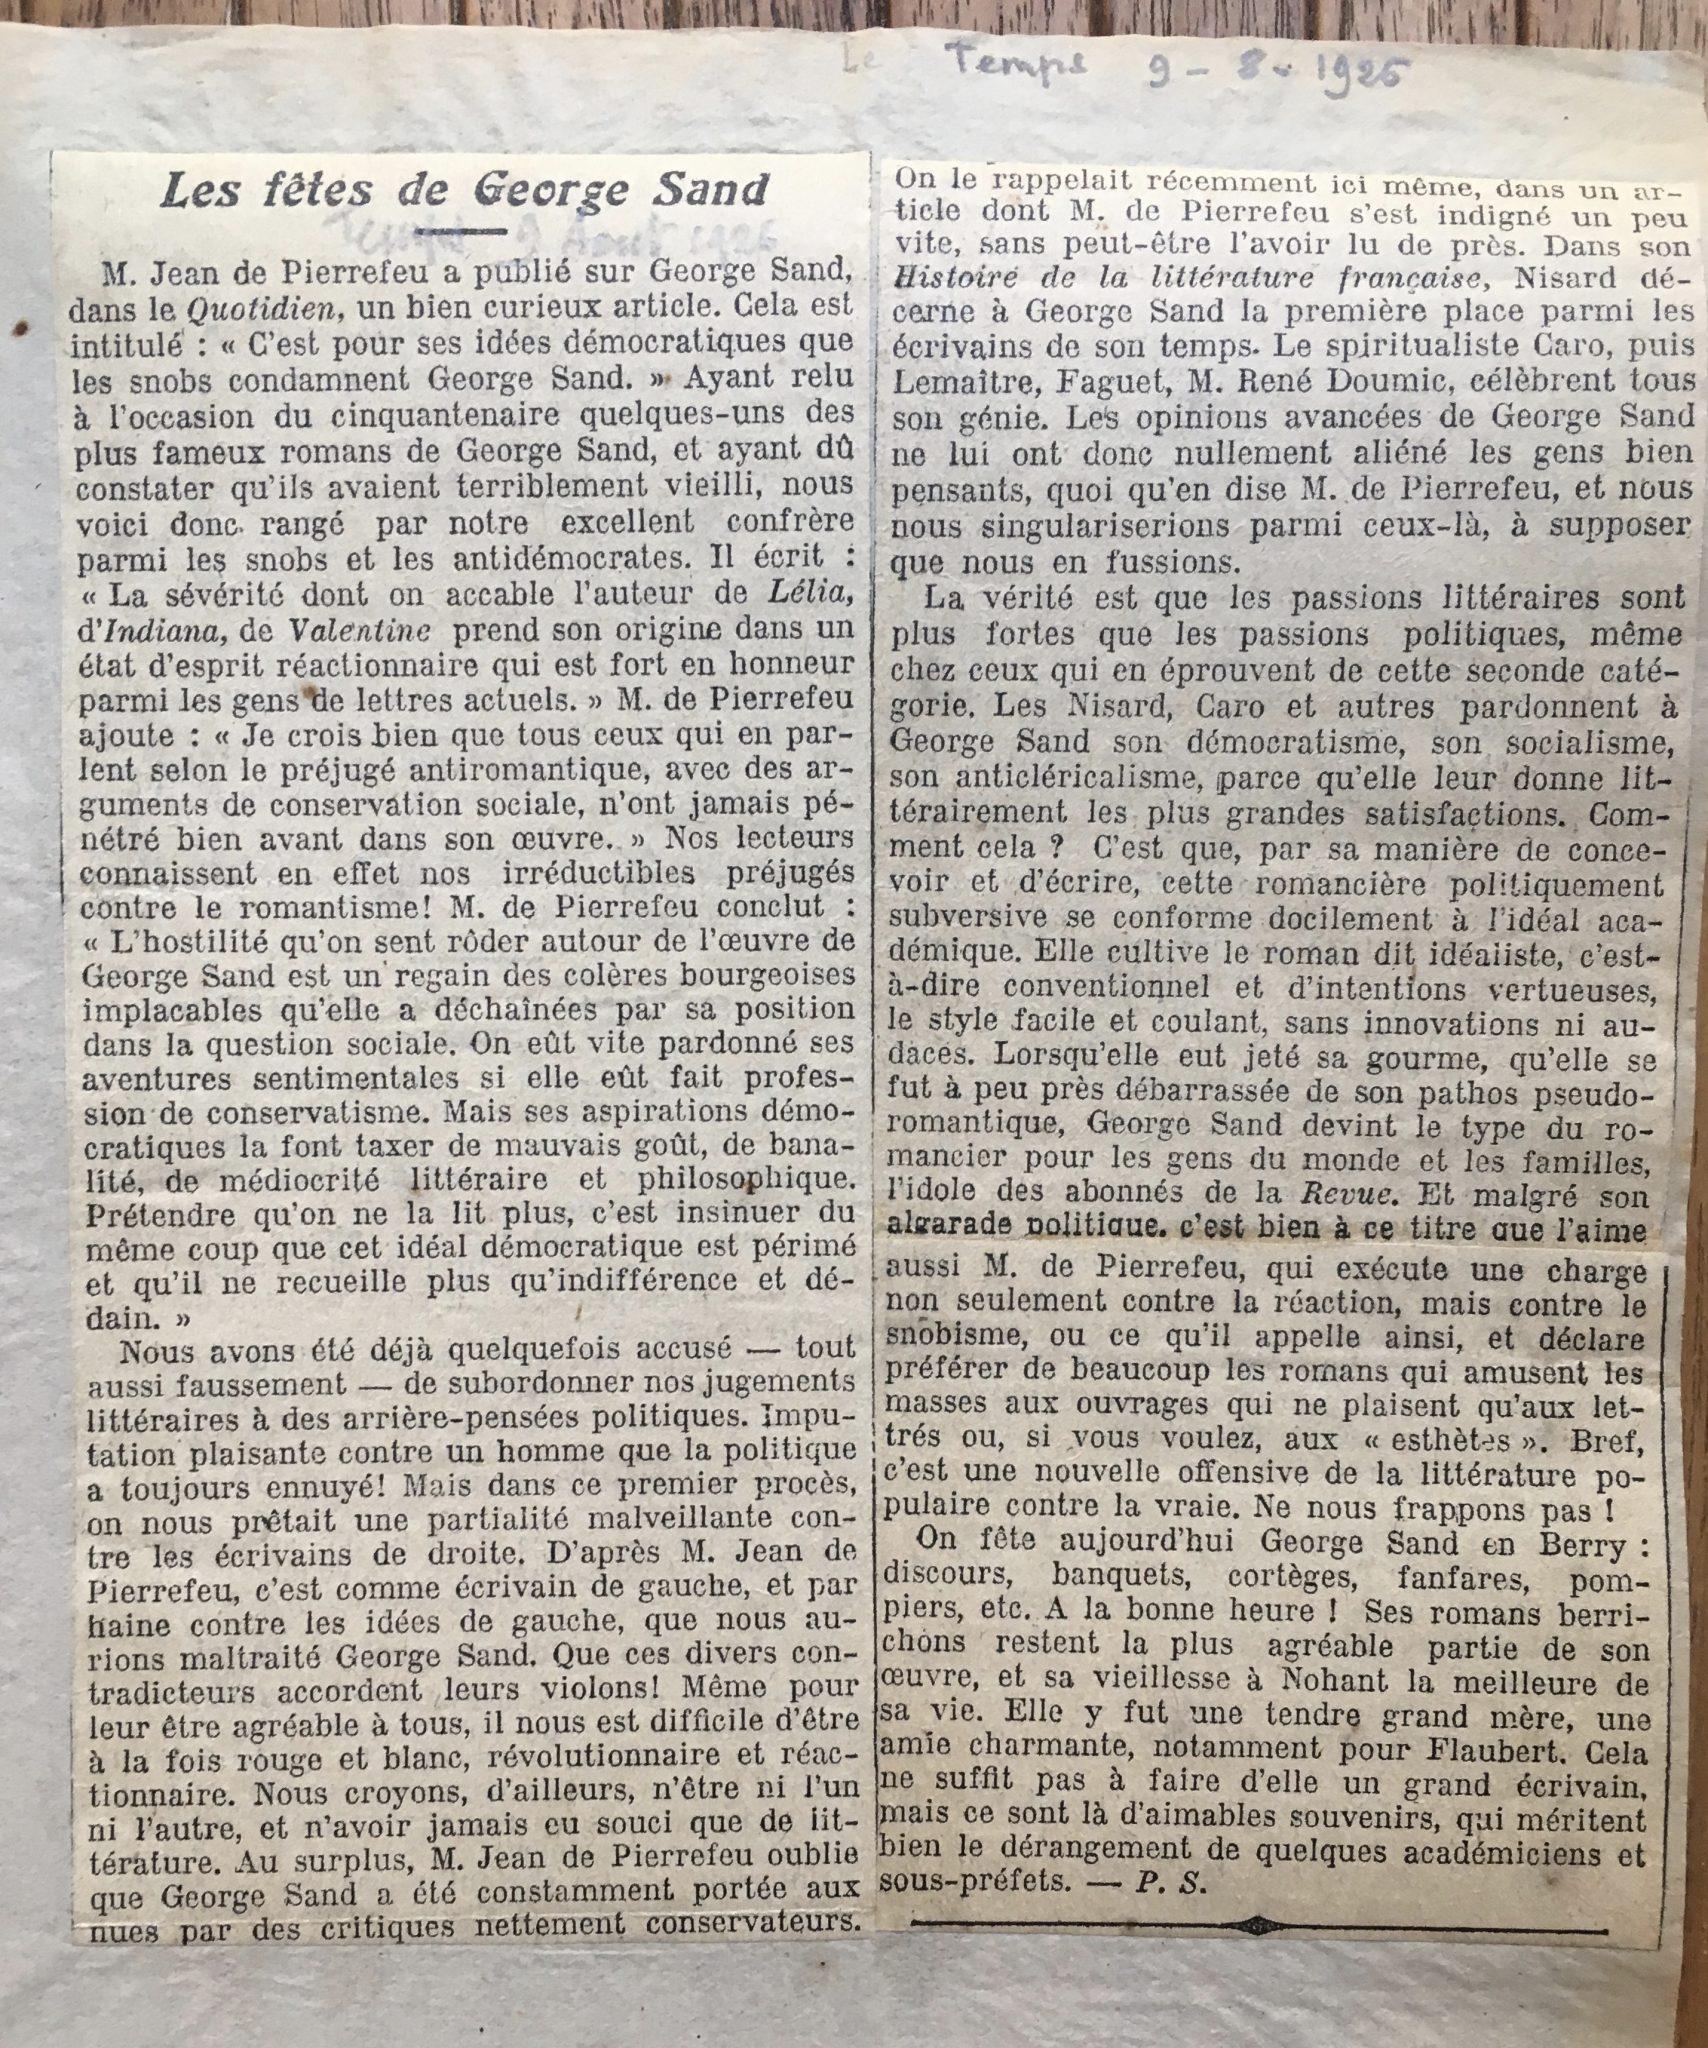 Les fêtes de George Sand 1926